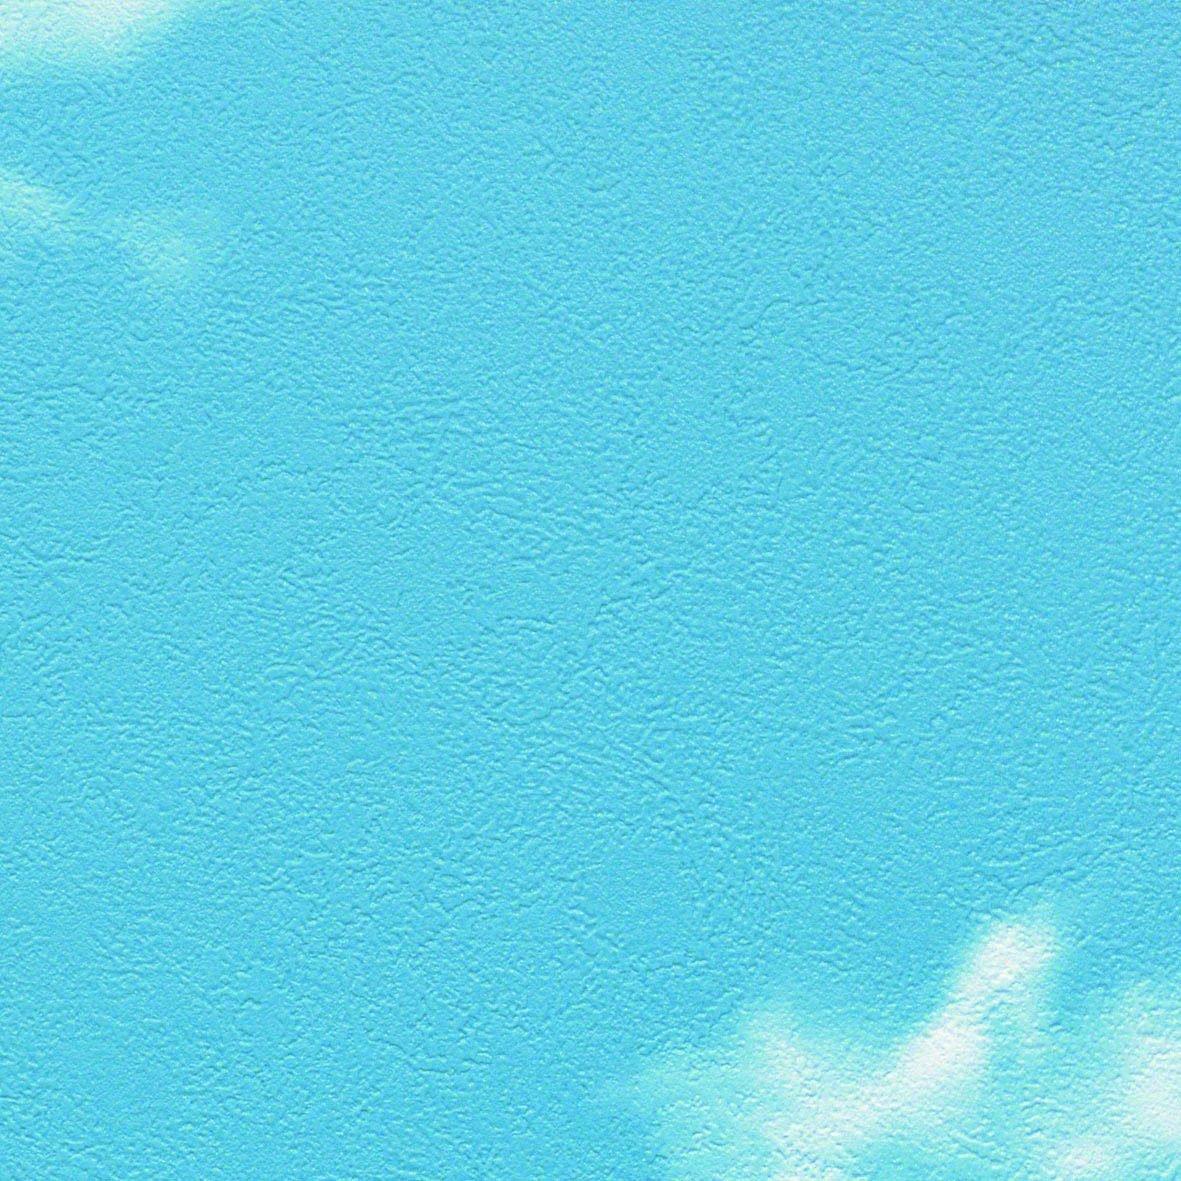 リリカラ 壁紙25m ナチュラル キャラクター ブルー LL-8377 B01N020ZKO 25m